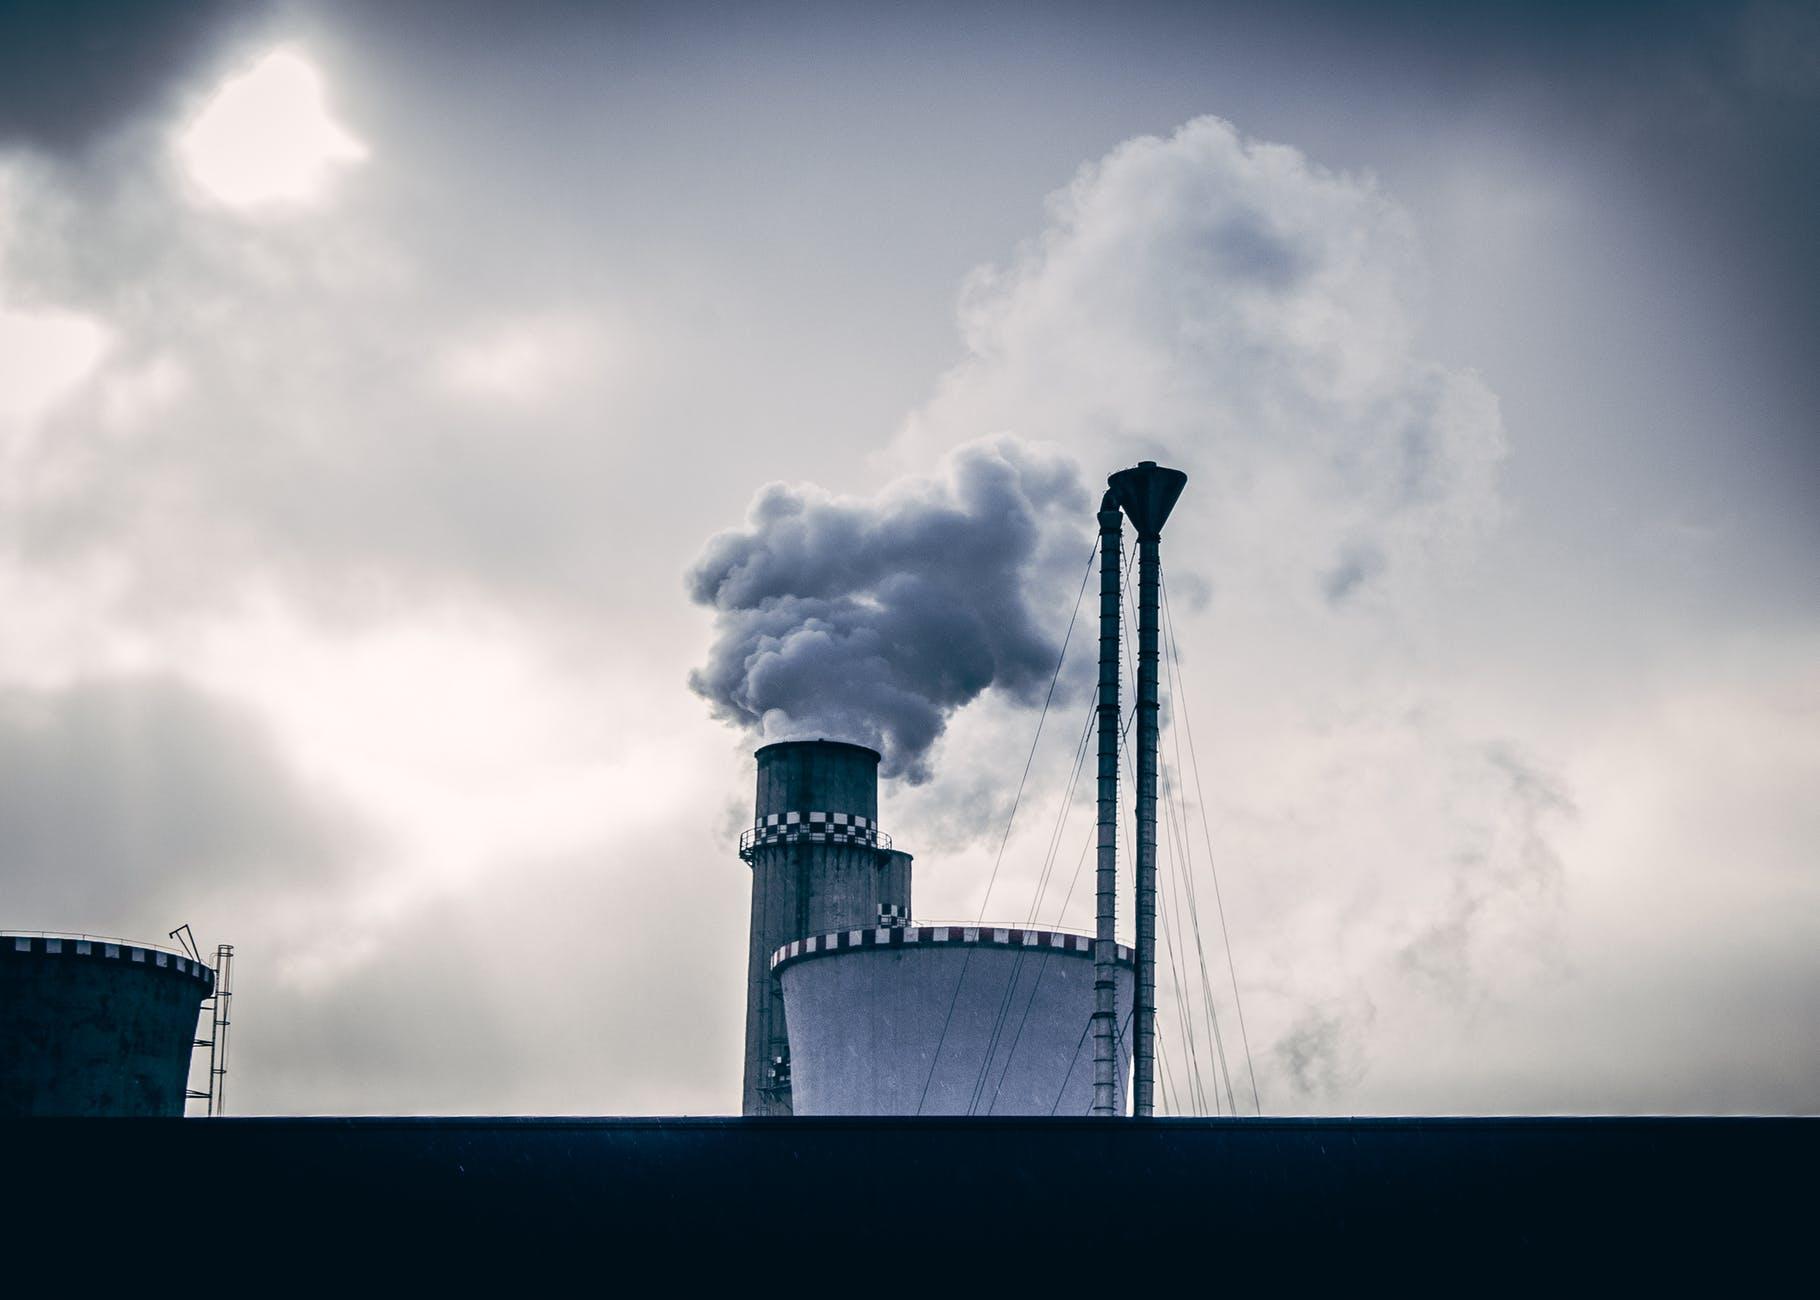 警惕低度污染对心脏危害 简单几招教你自救